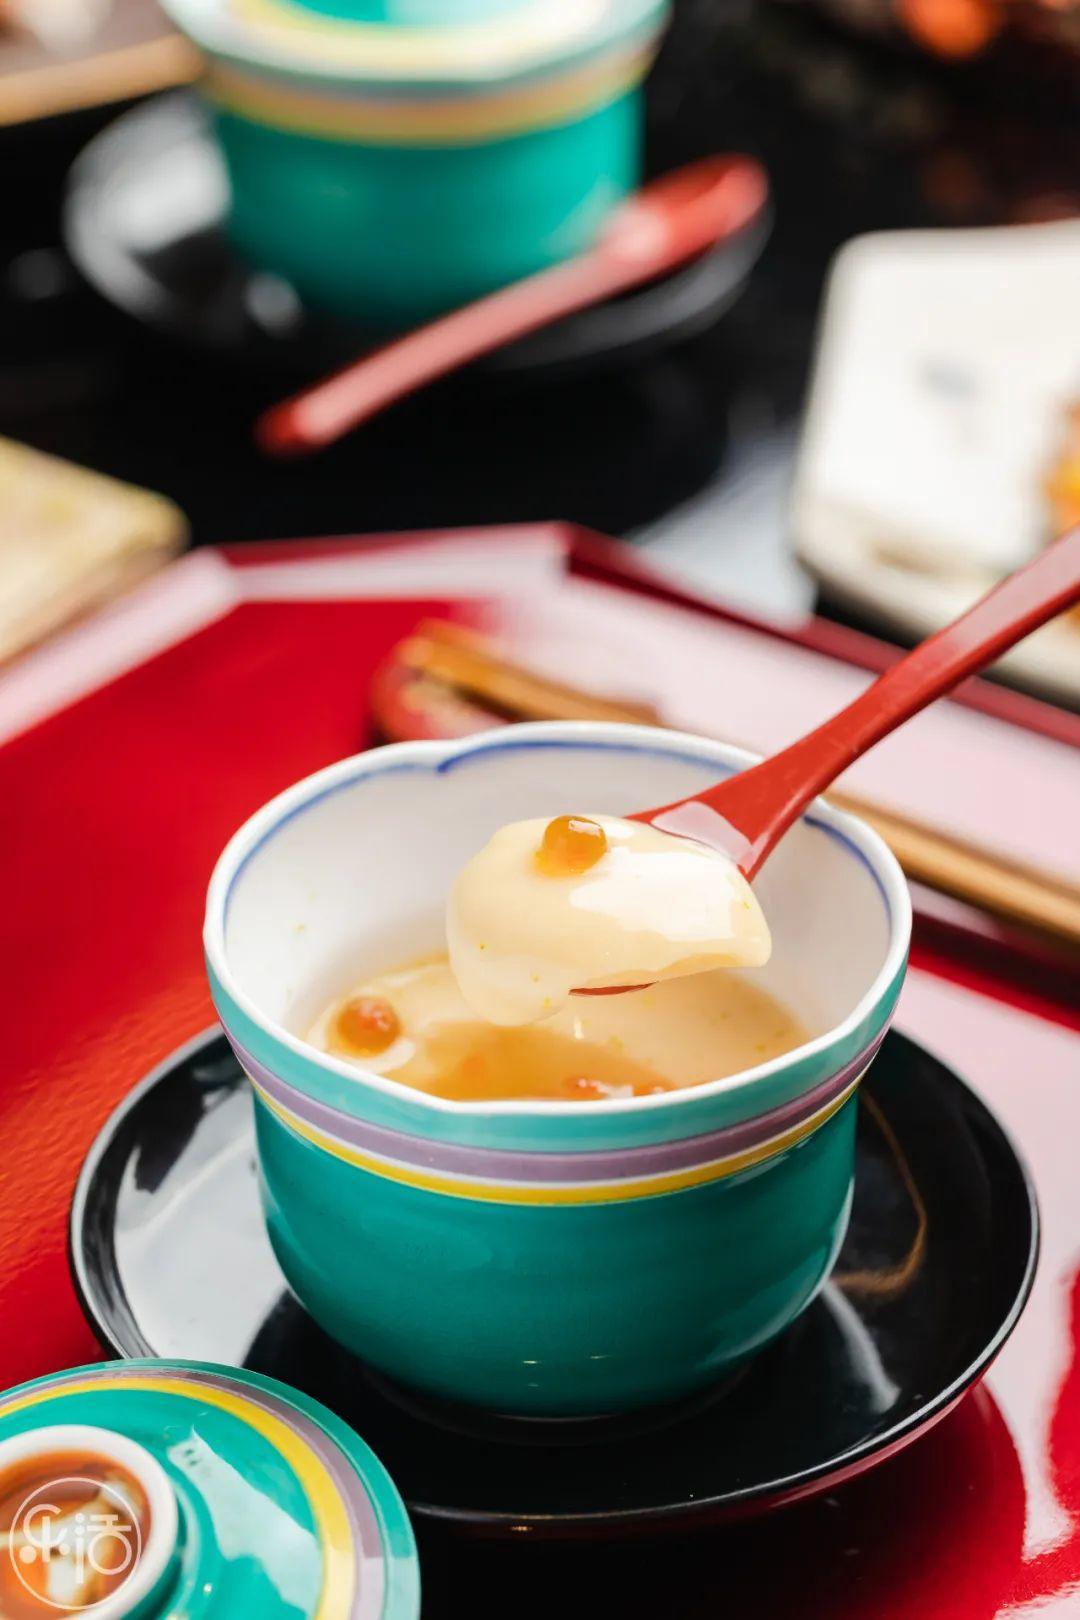 全杭州Zui大的会席料理店来袭!人均600元就能体验到的Top级日料,来自日本饮食文化的上等名流之选!(图44)